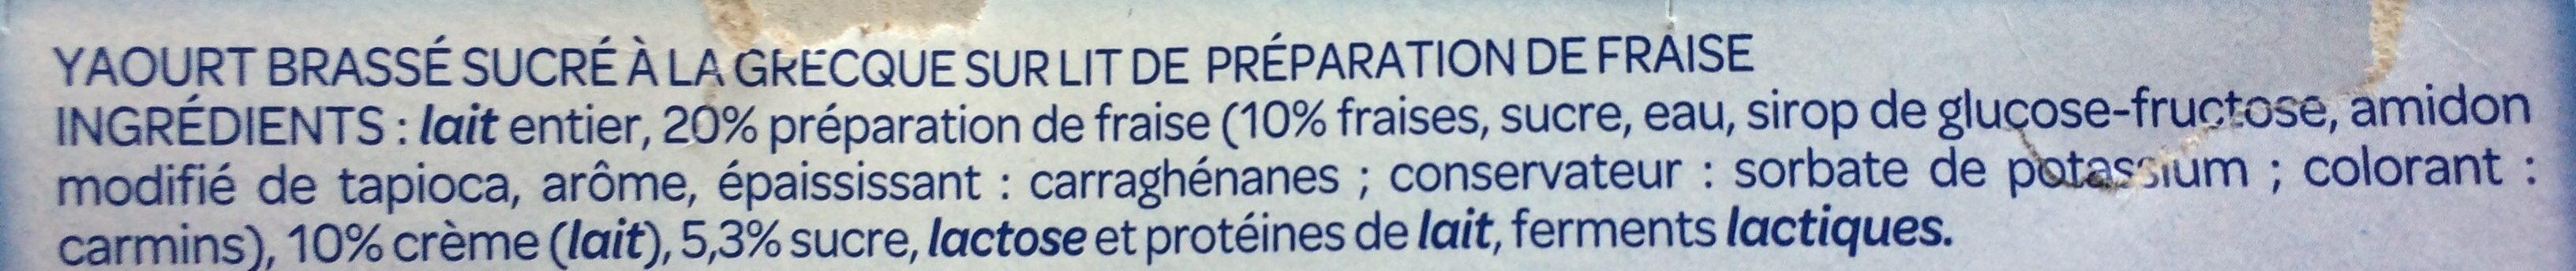 Yaourt à la grecque fraise - Ingredientes